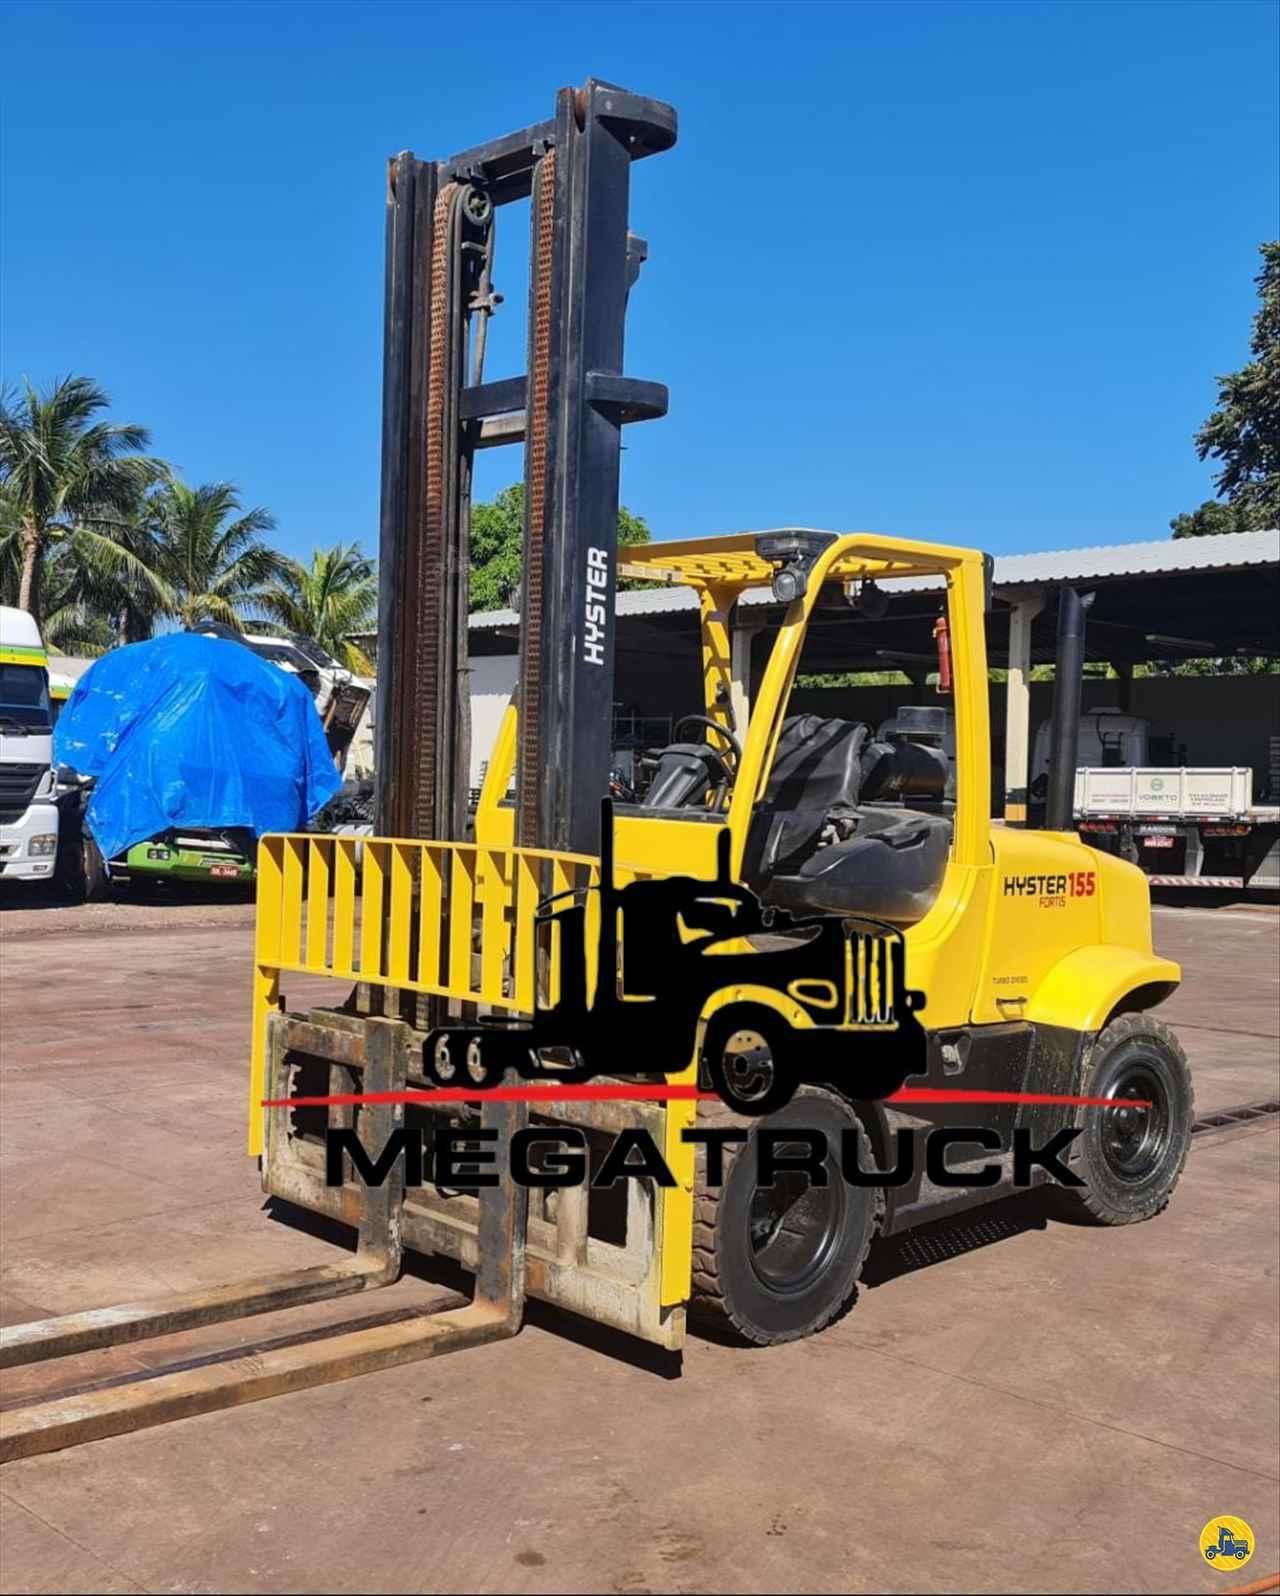 EMPILHADEIRA HYSTER H155FT Megatruck Caminhões e Máquinas CAMPO GRANDE MATO GROSSO DO SUL MS